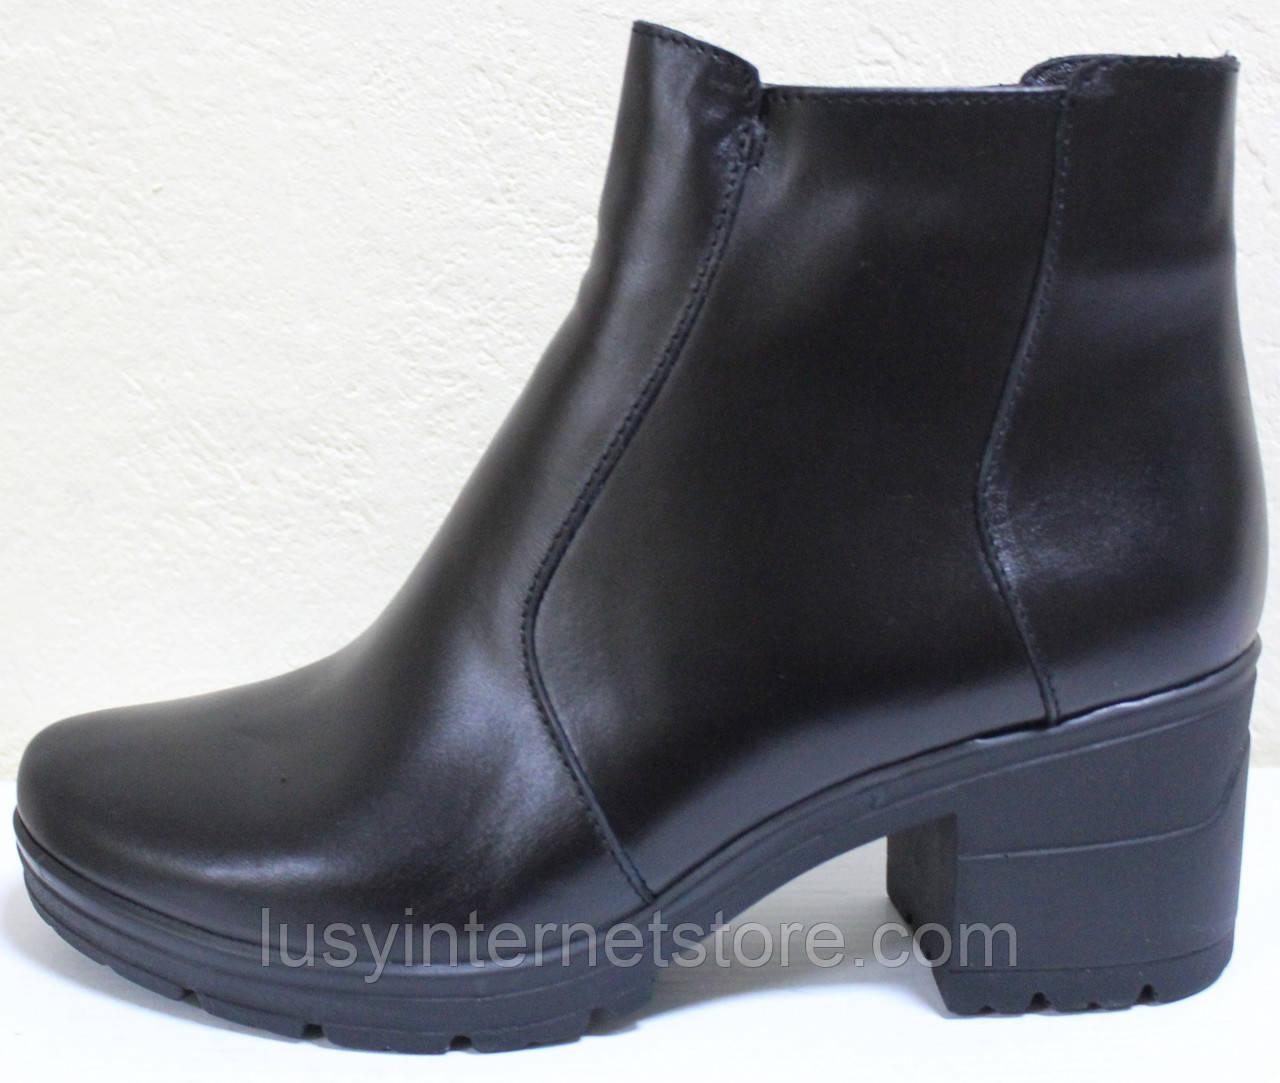 Ботинки женские зимние кожаные на каблуке от производителя модель СТБ10